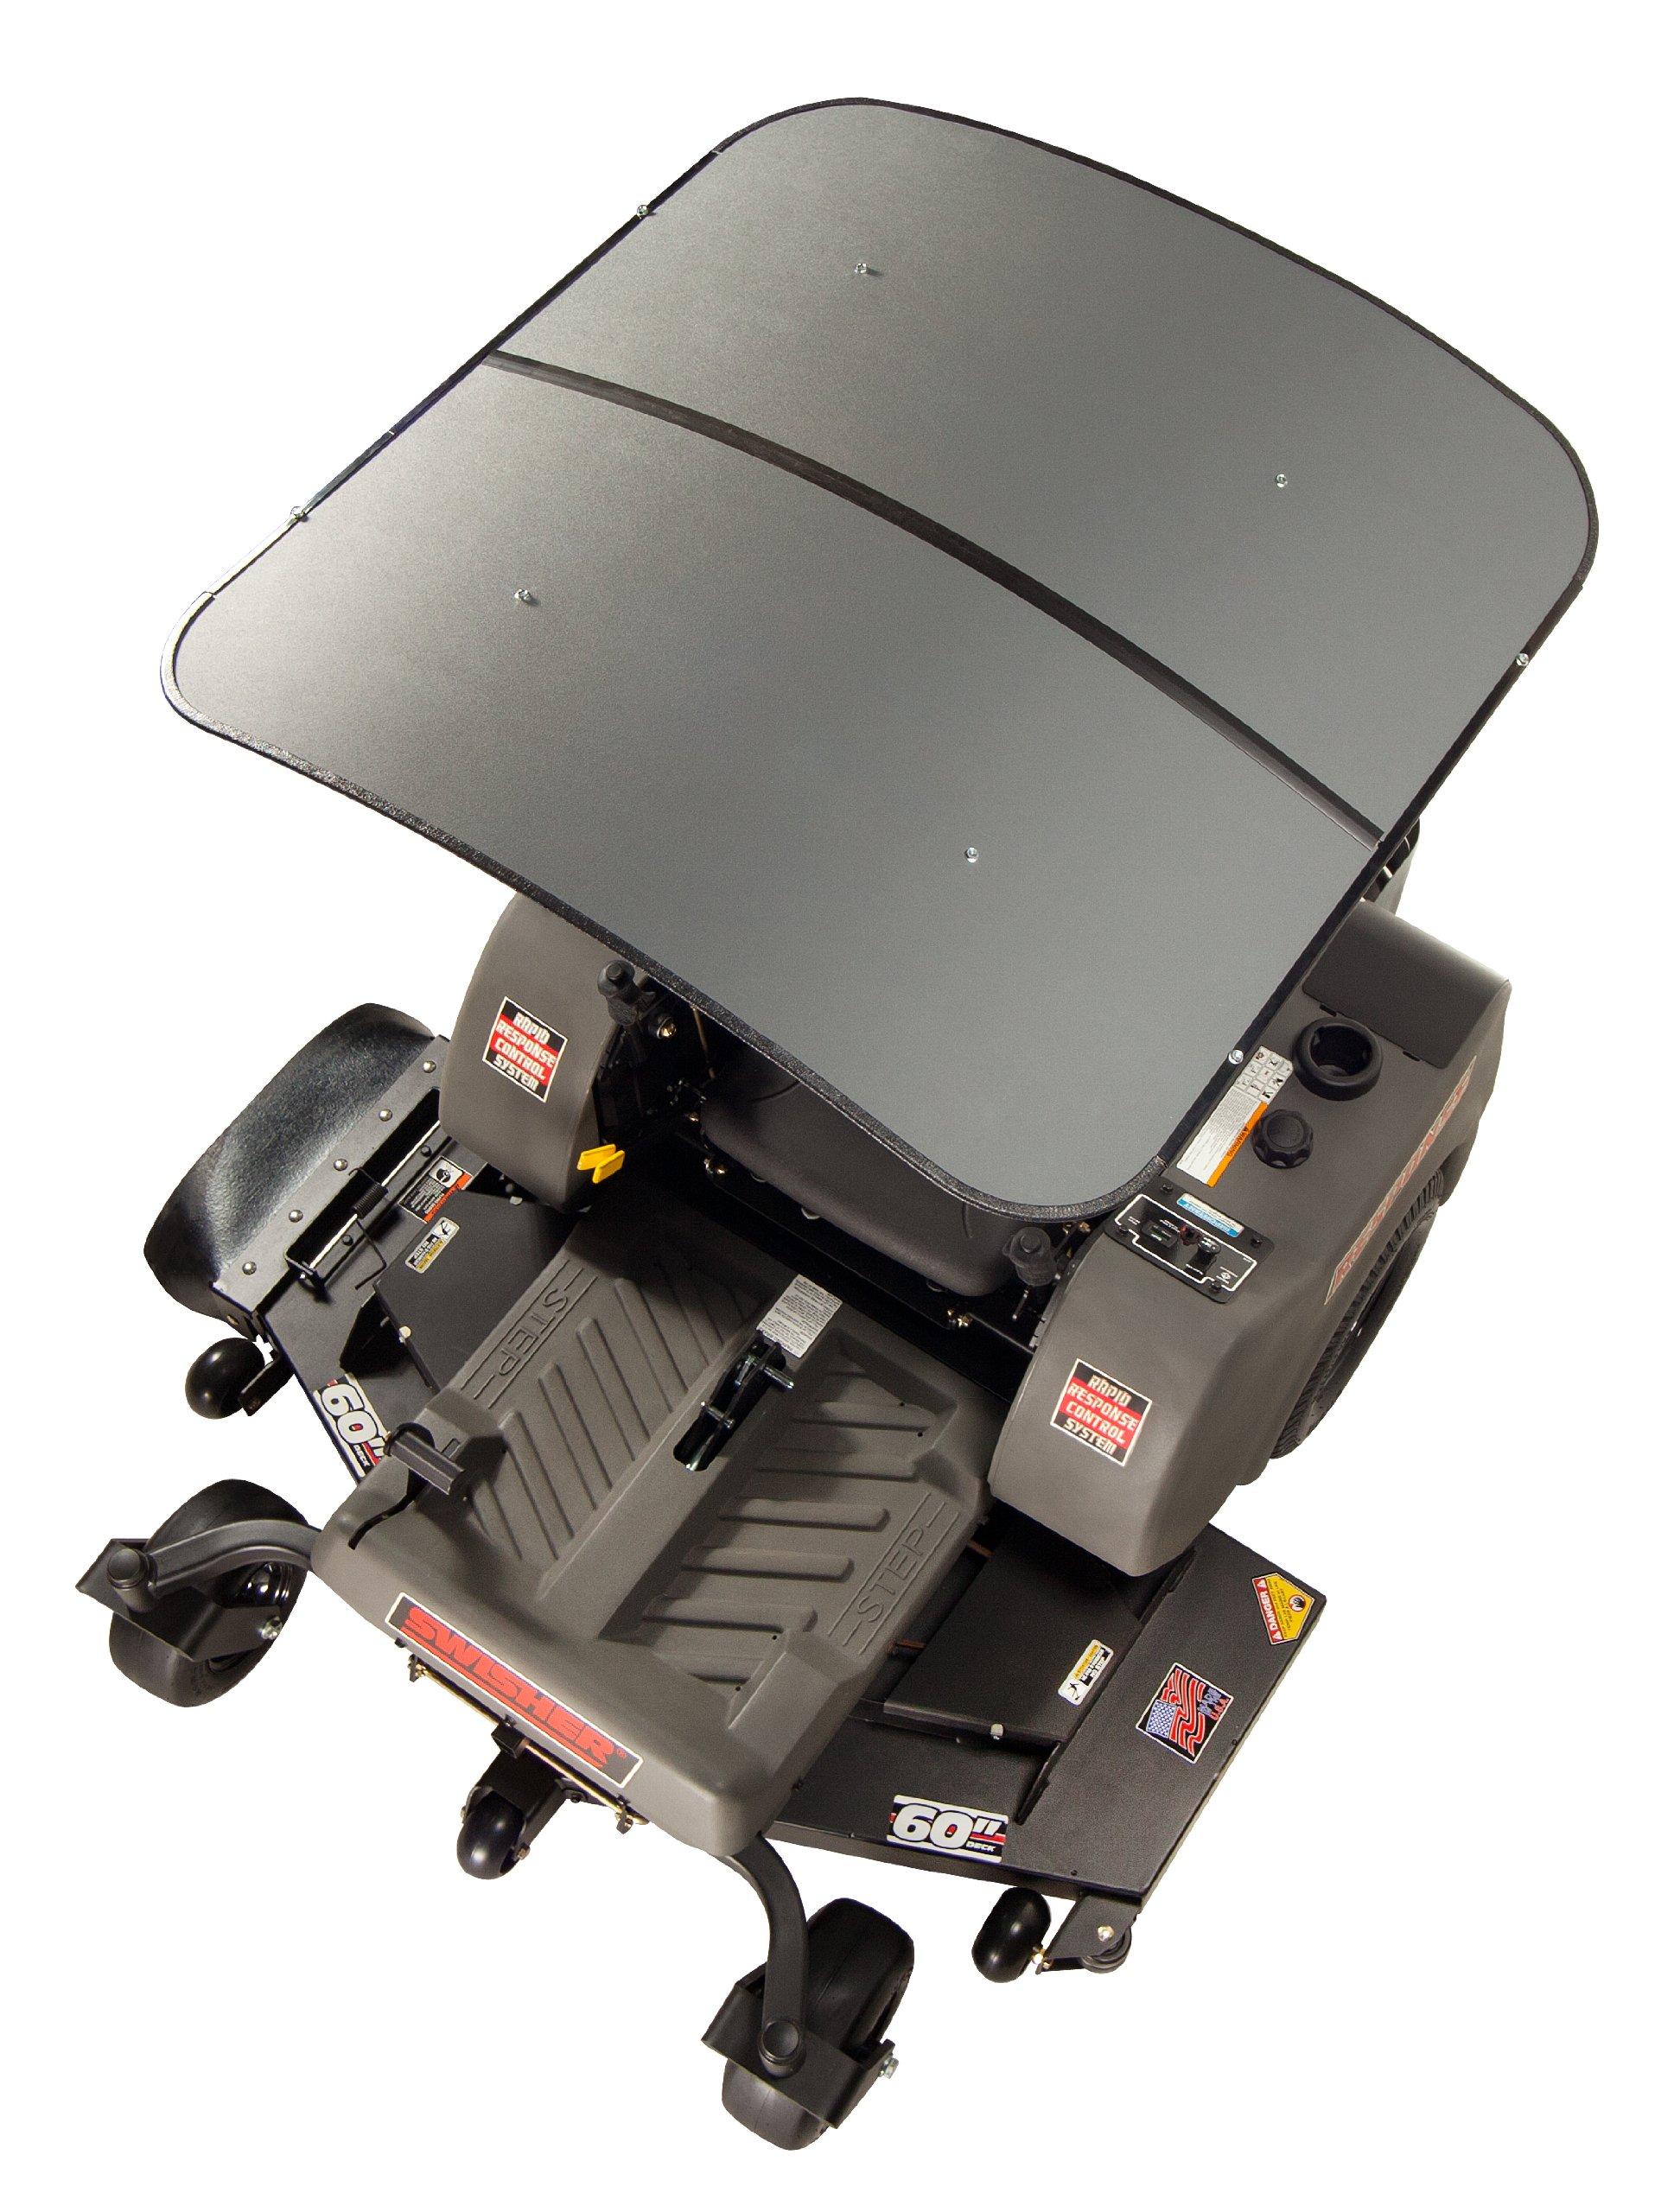 Femco SS4444G Tuff Top ZTR Sunshade for Lawn Mower by Femco